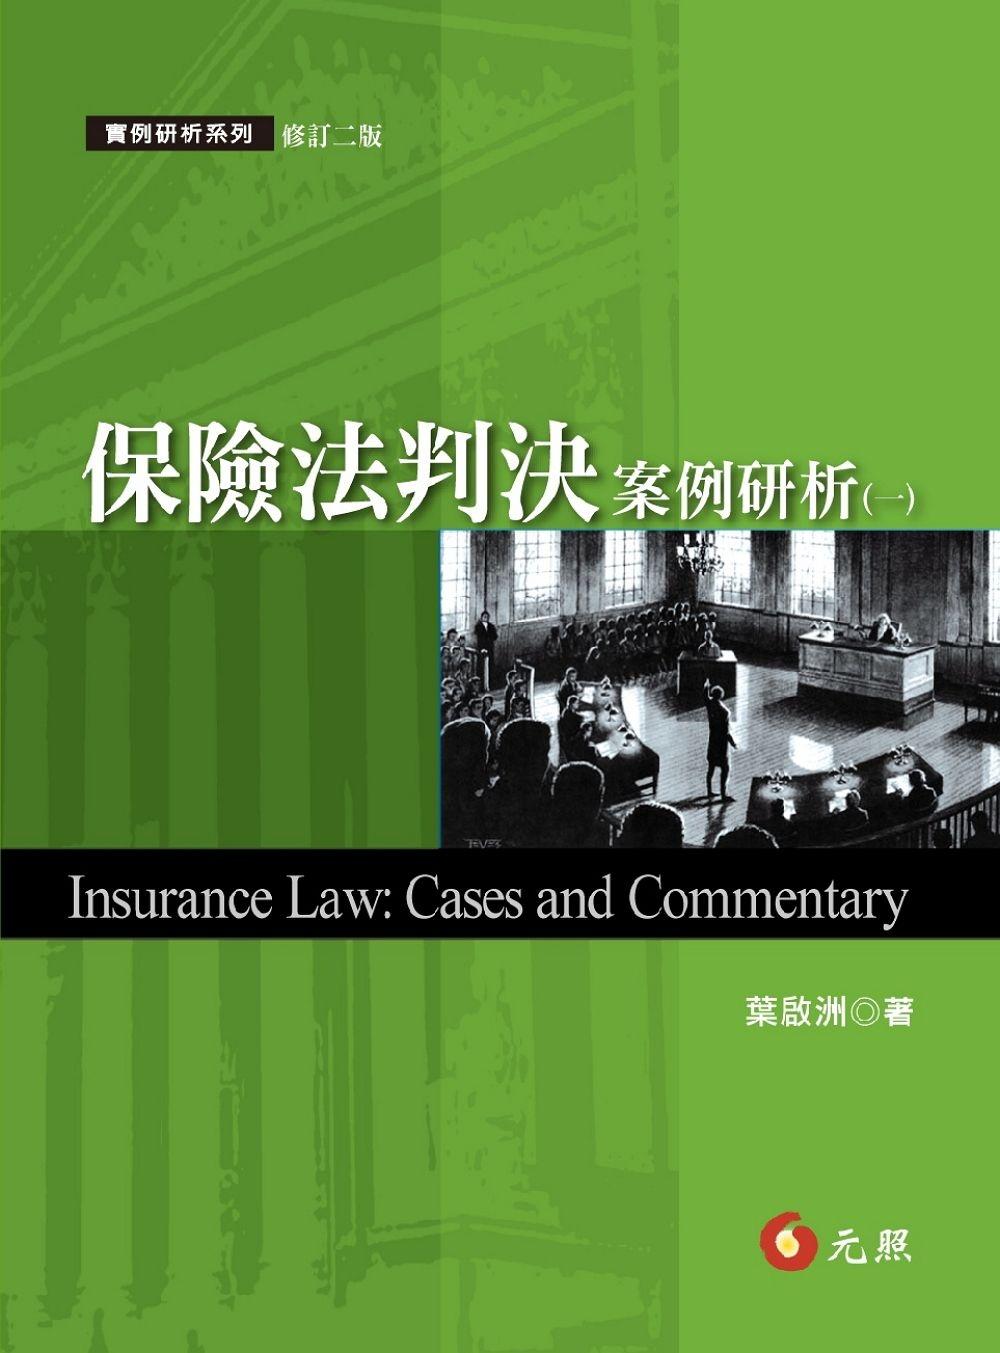 保險法判決案例研析(一)(二版)